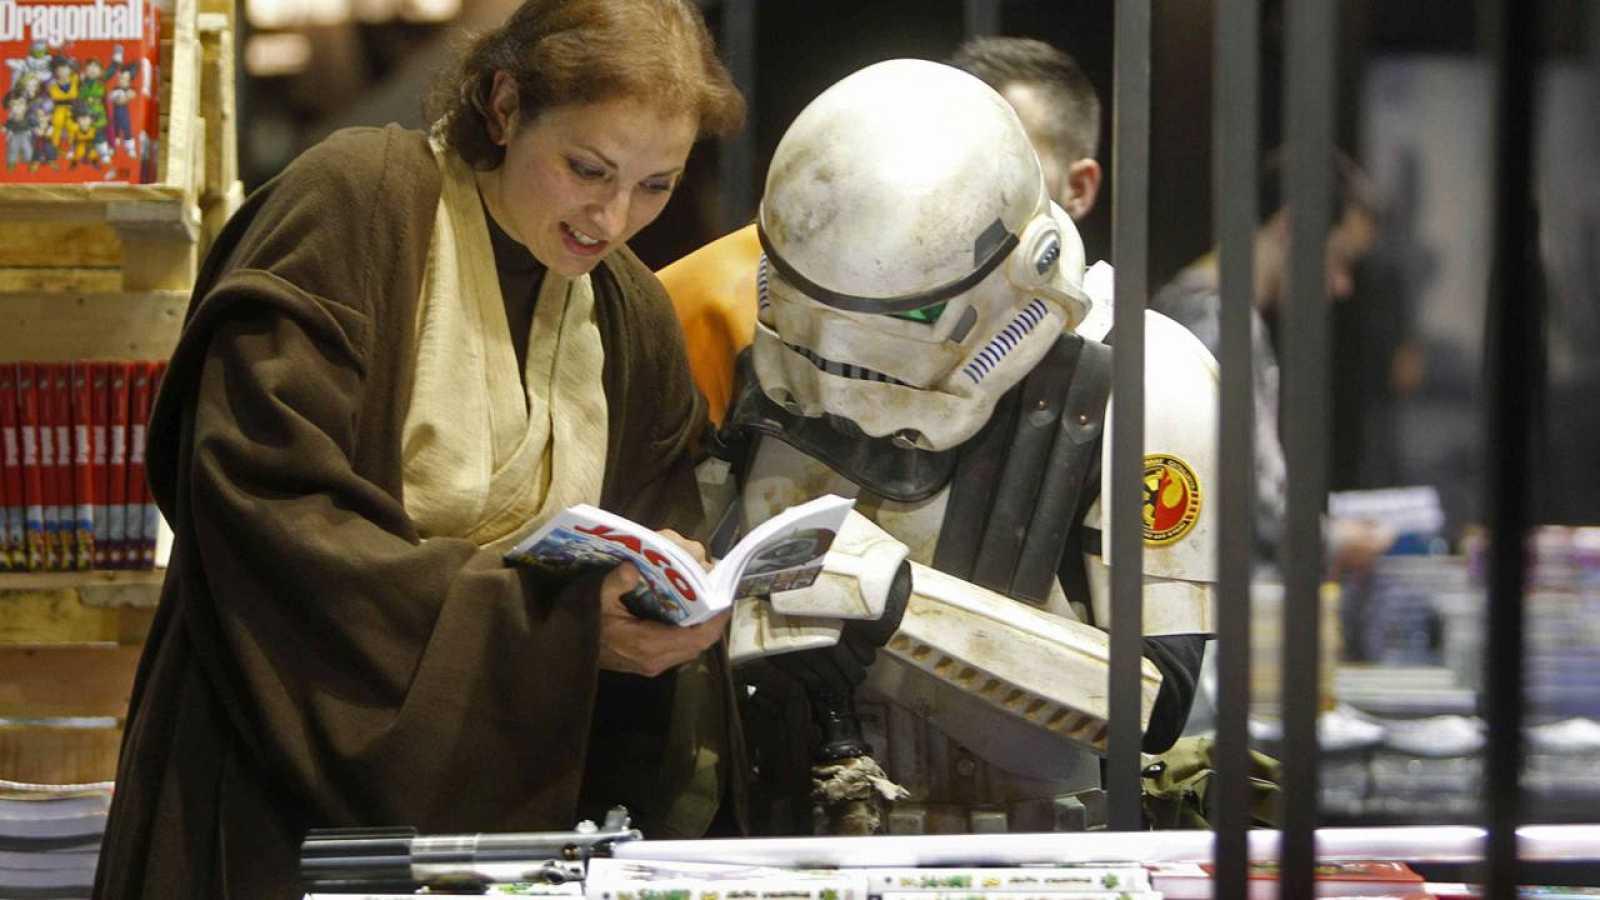 Dos asistentes al pasado Salón del Cómic de Barcelona hojean un libro